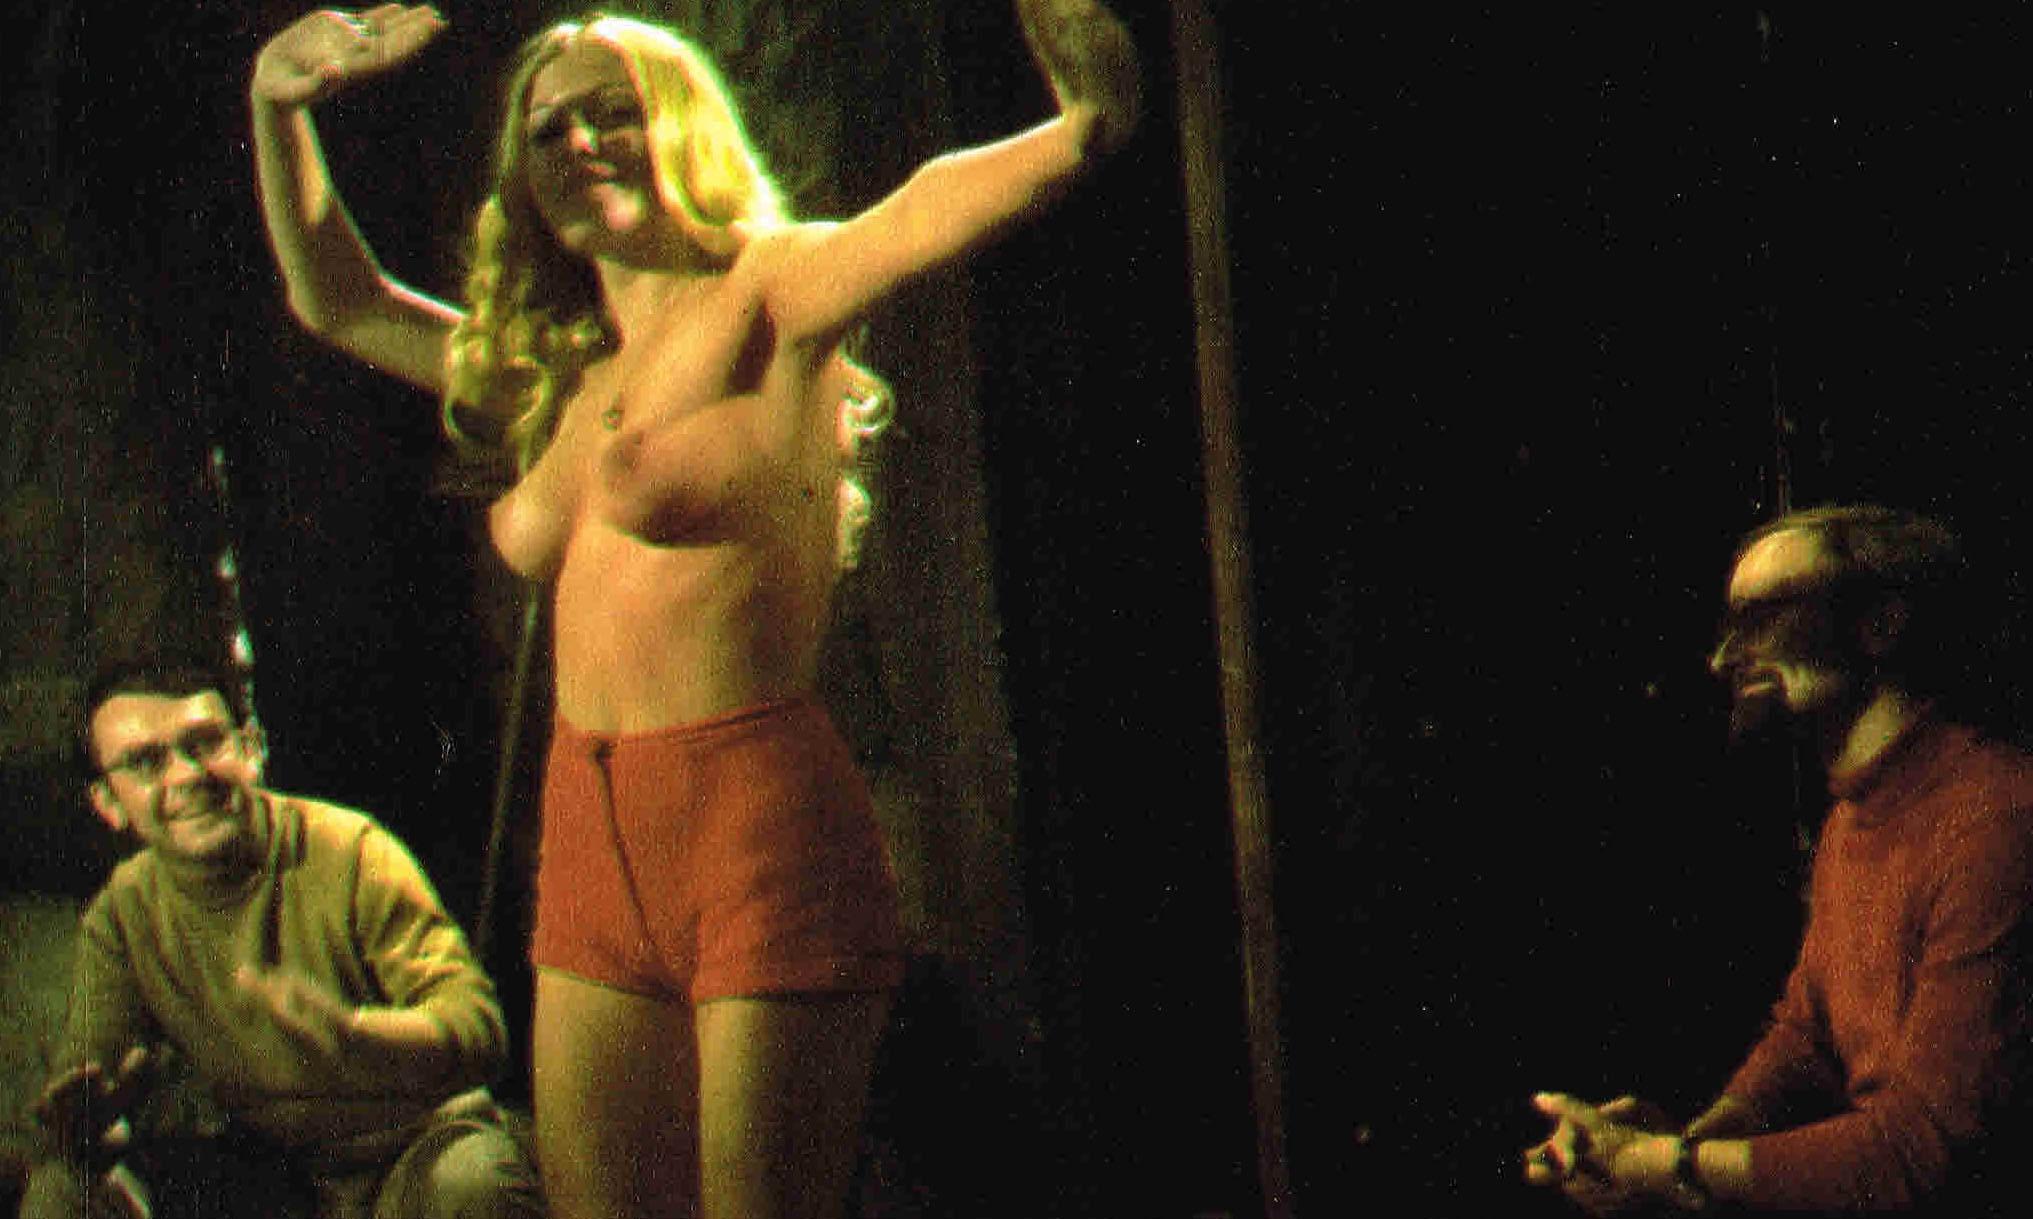 Дорит Хенке голая. Фото - 109